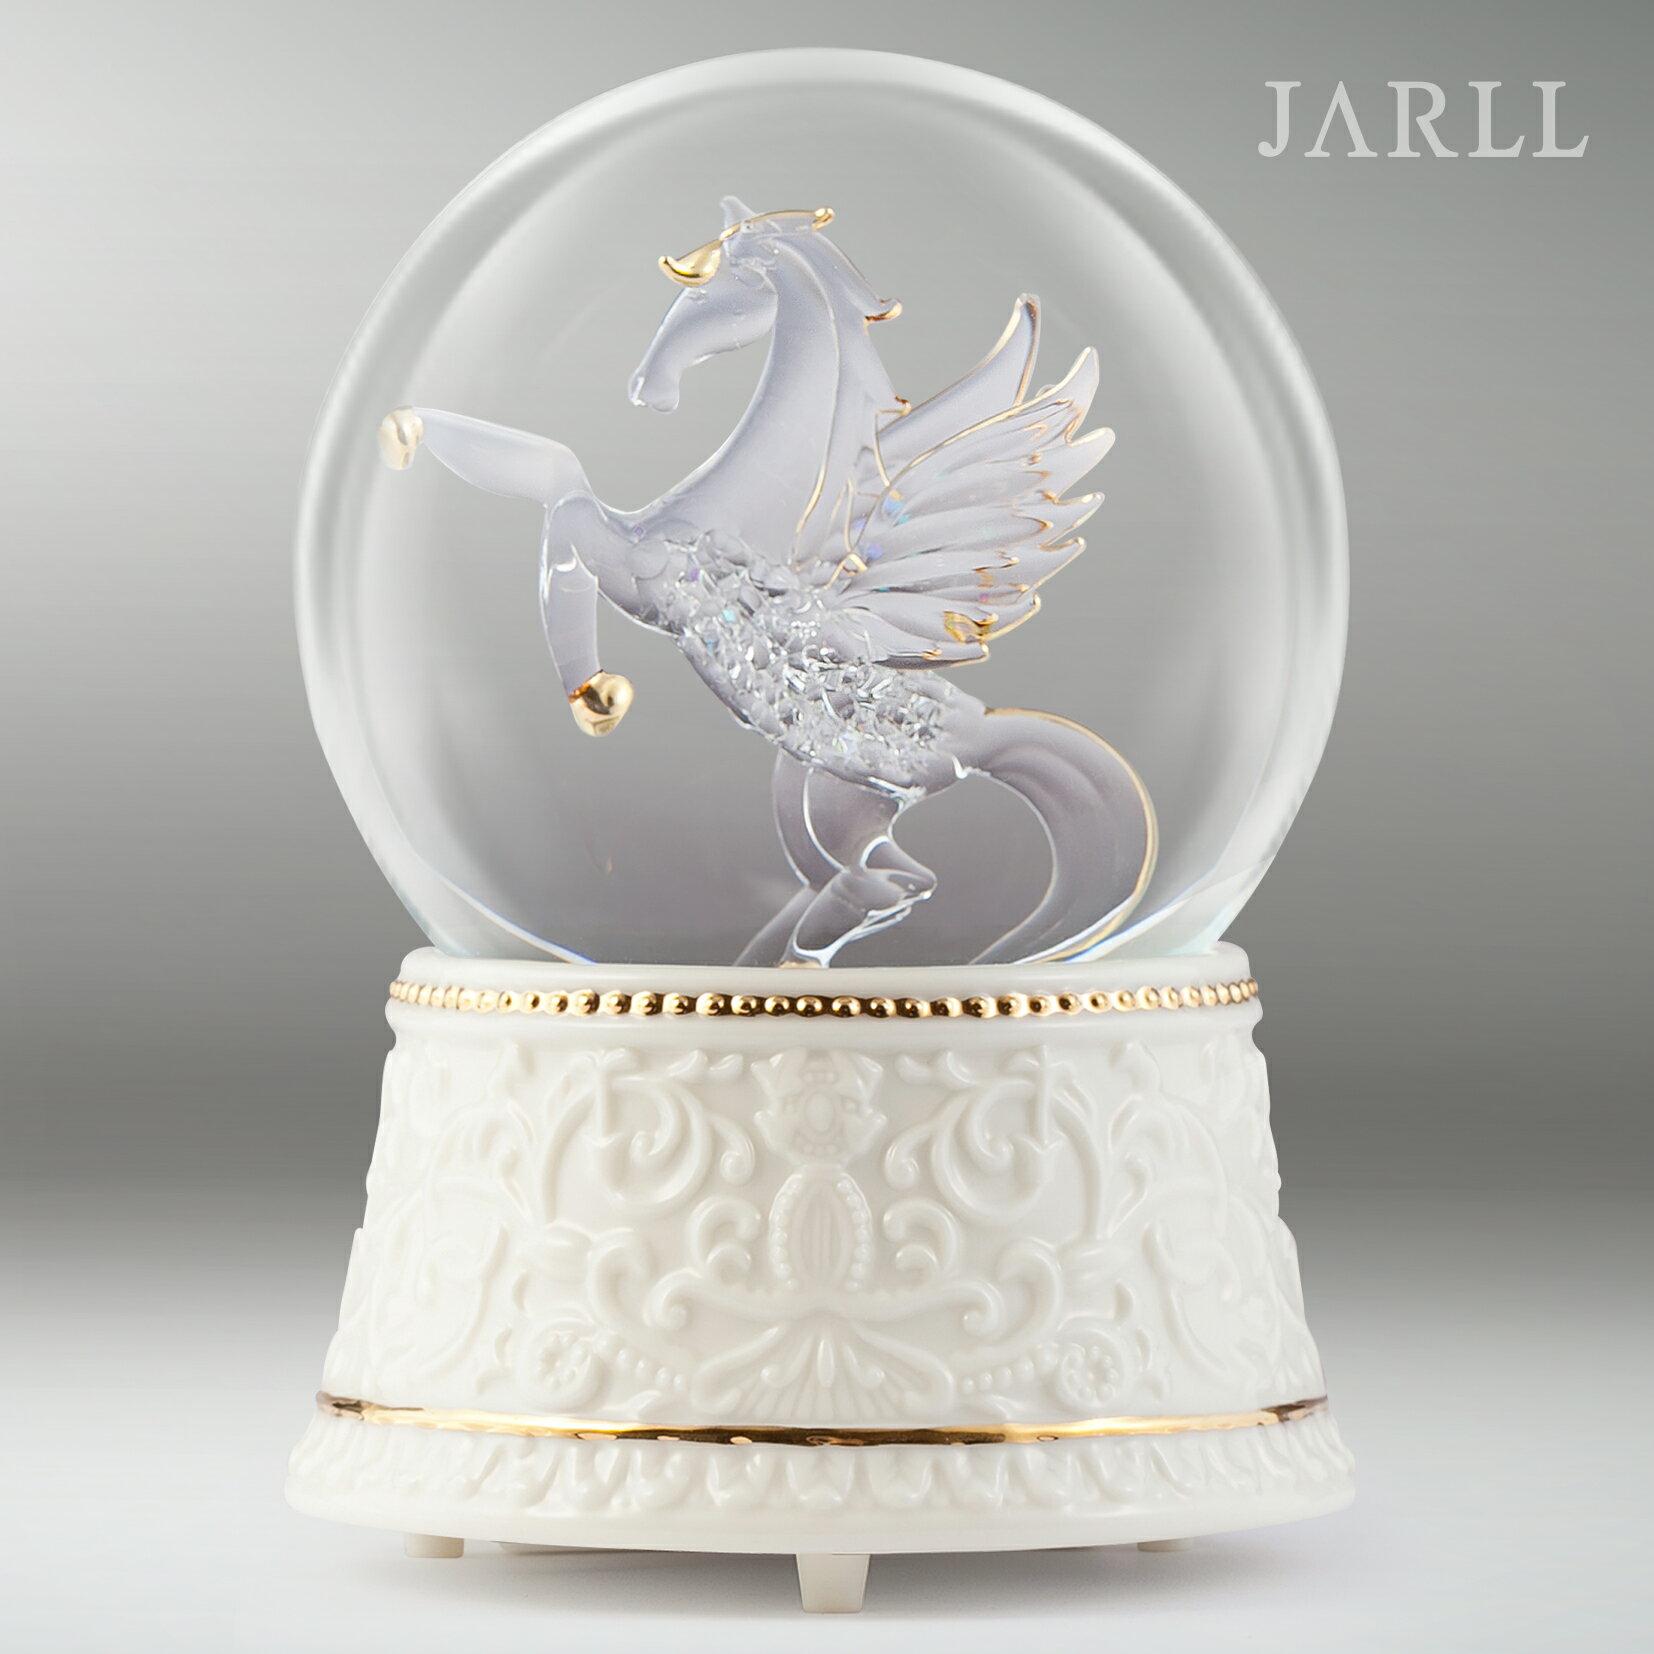 讚爾藝術 JARLL 獨角飛馬 水晶球音樂盒 手工拉絲玻璃 情人節禮物 新婚禮物 婚禮佈置